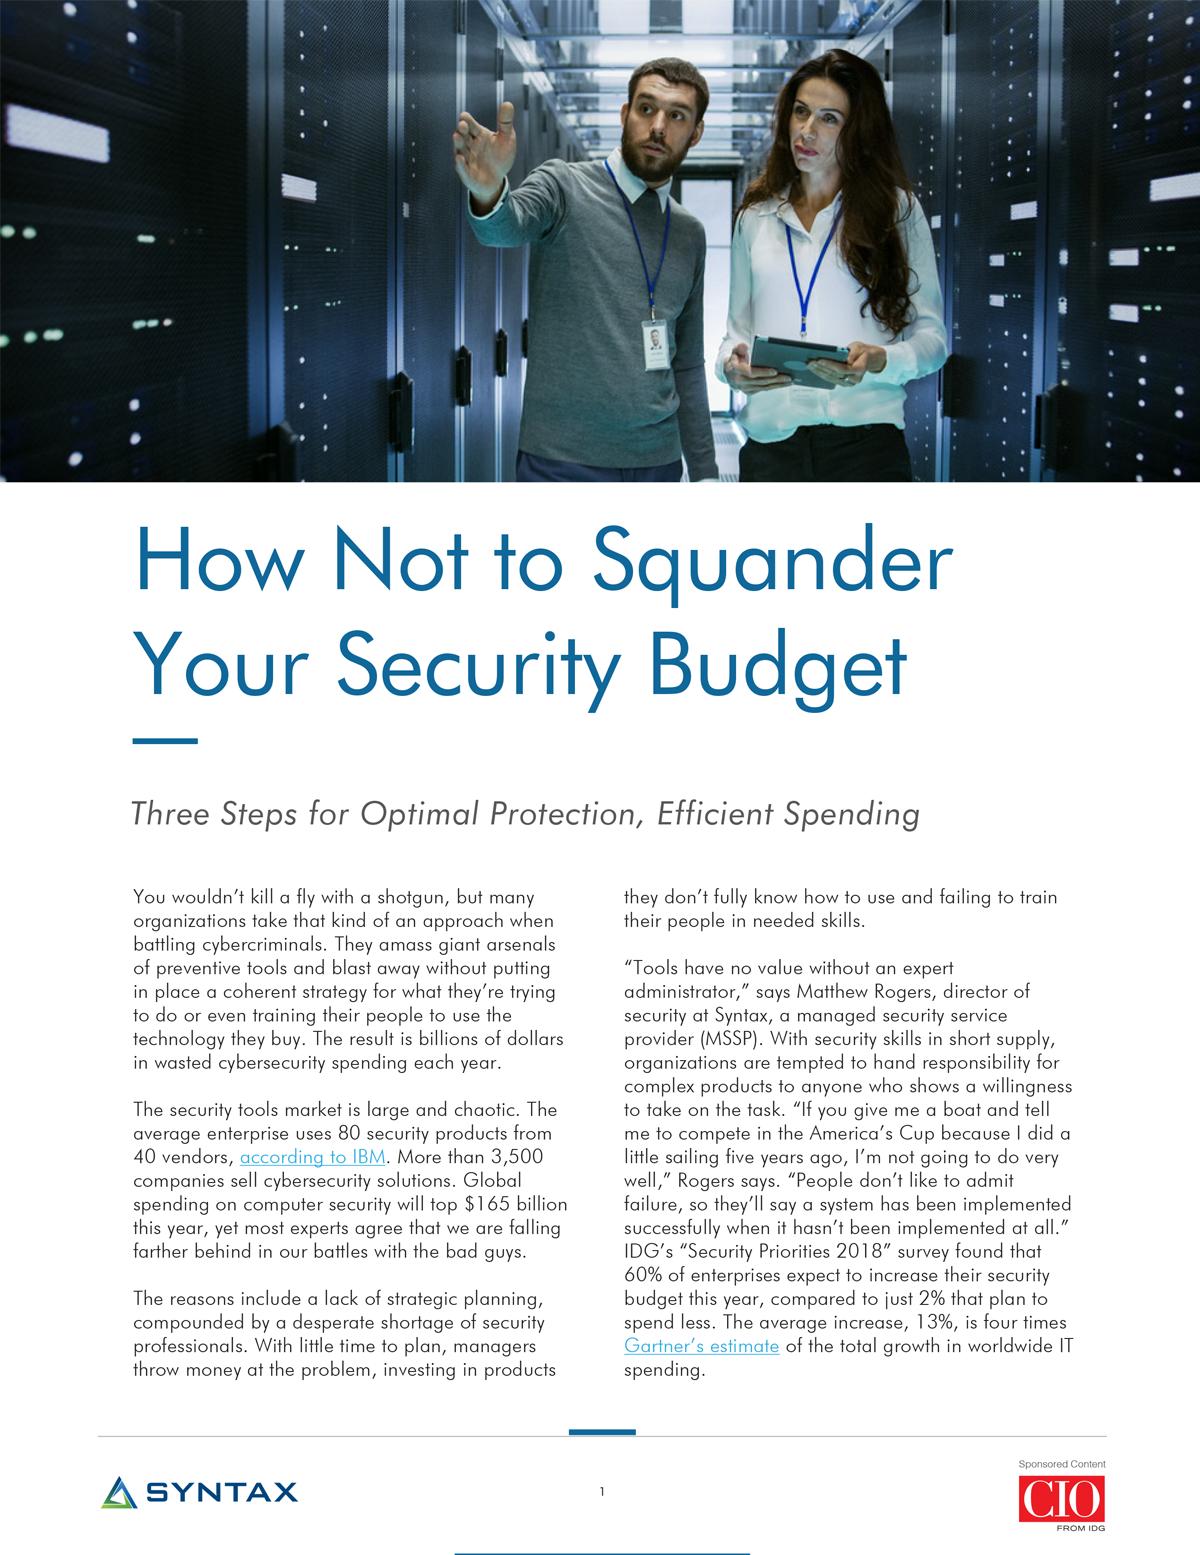 squander-budget-cover-gfx